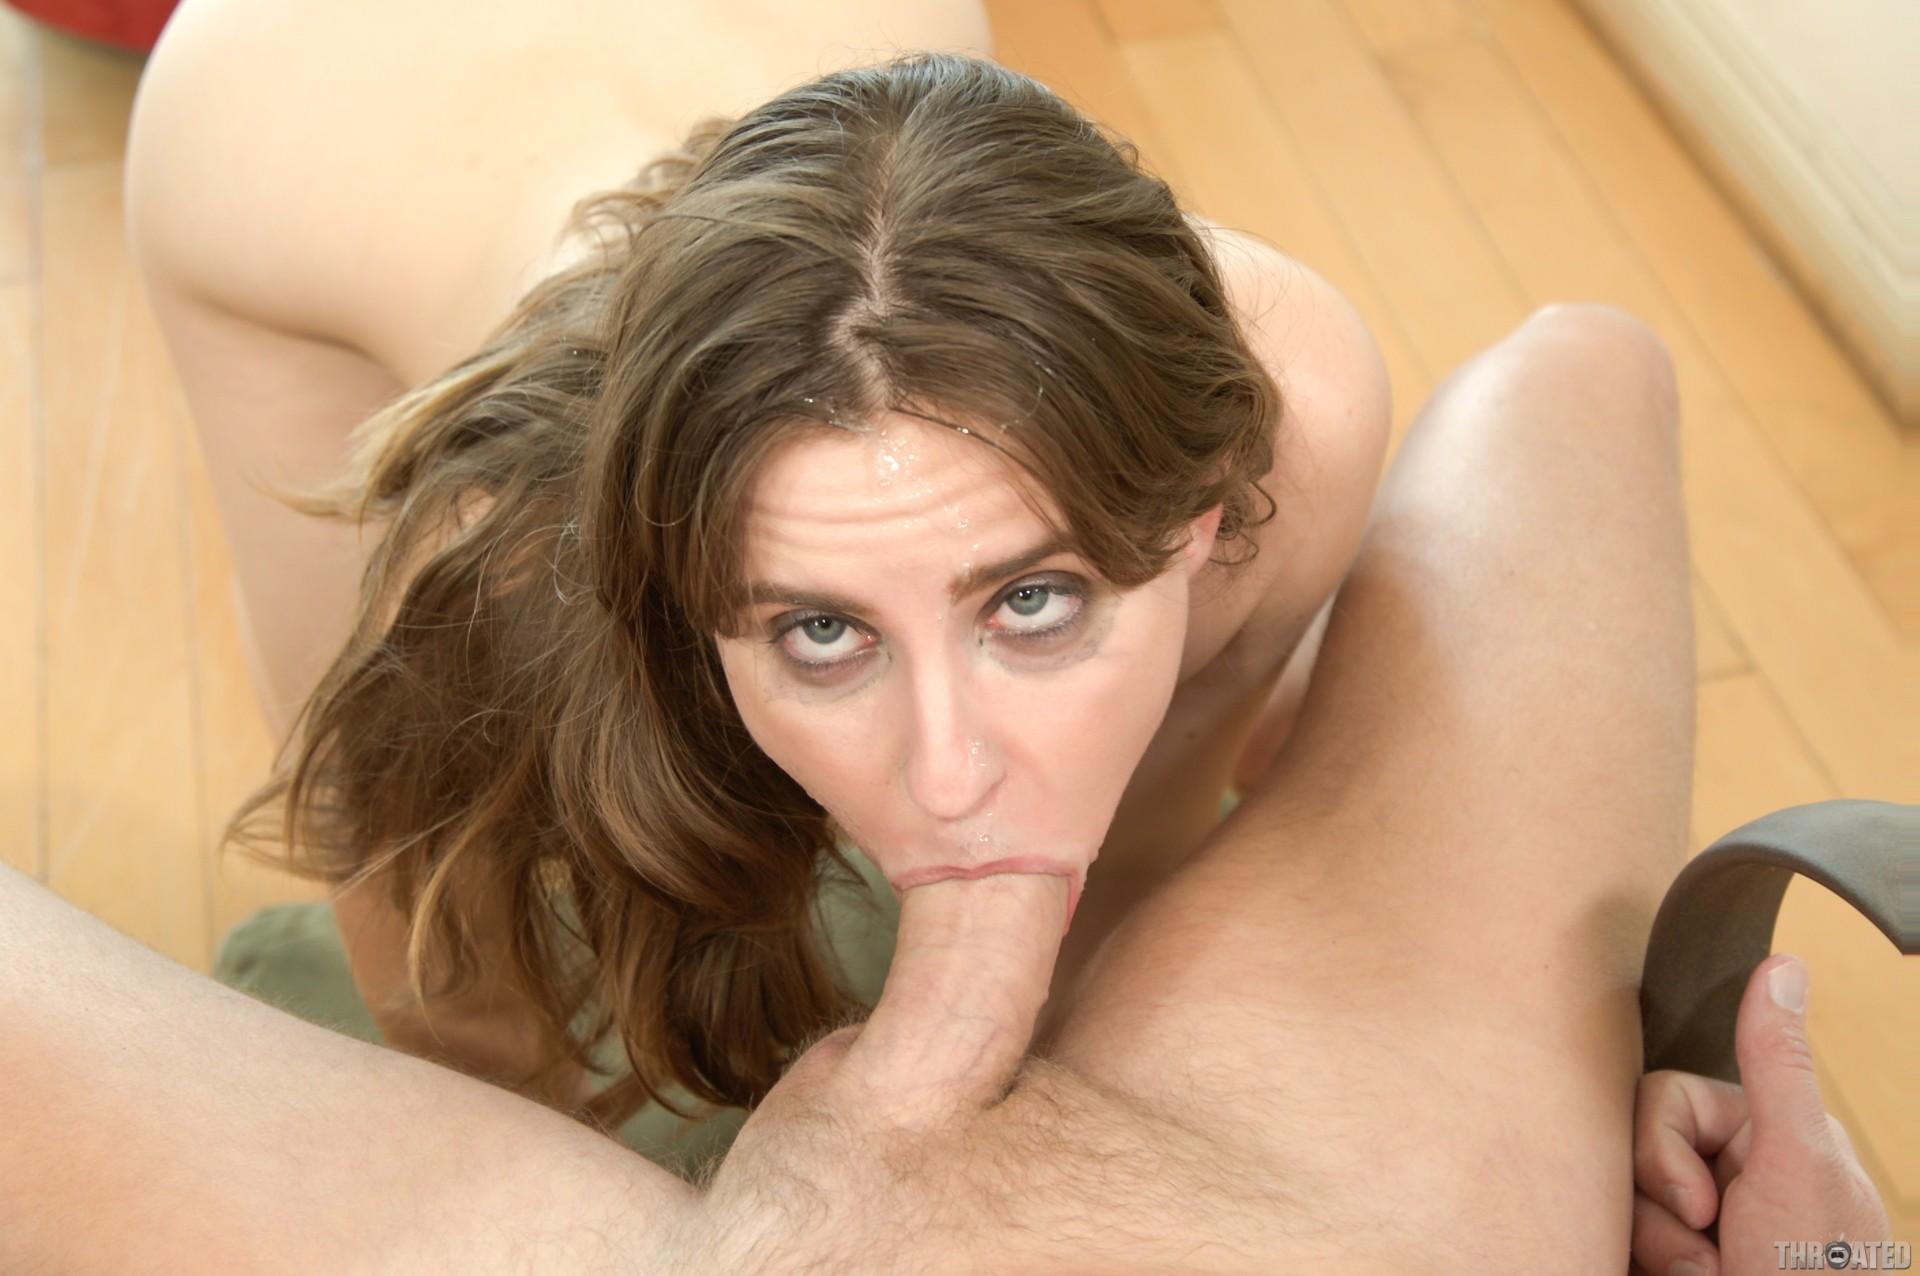 Isabelle Deltore Porn Stars